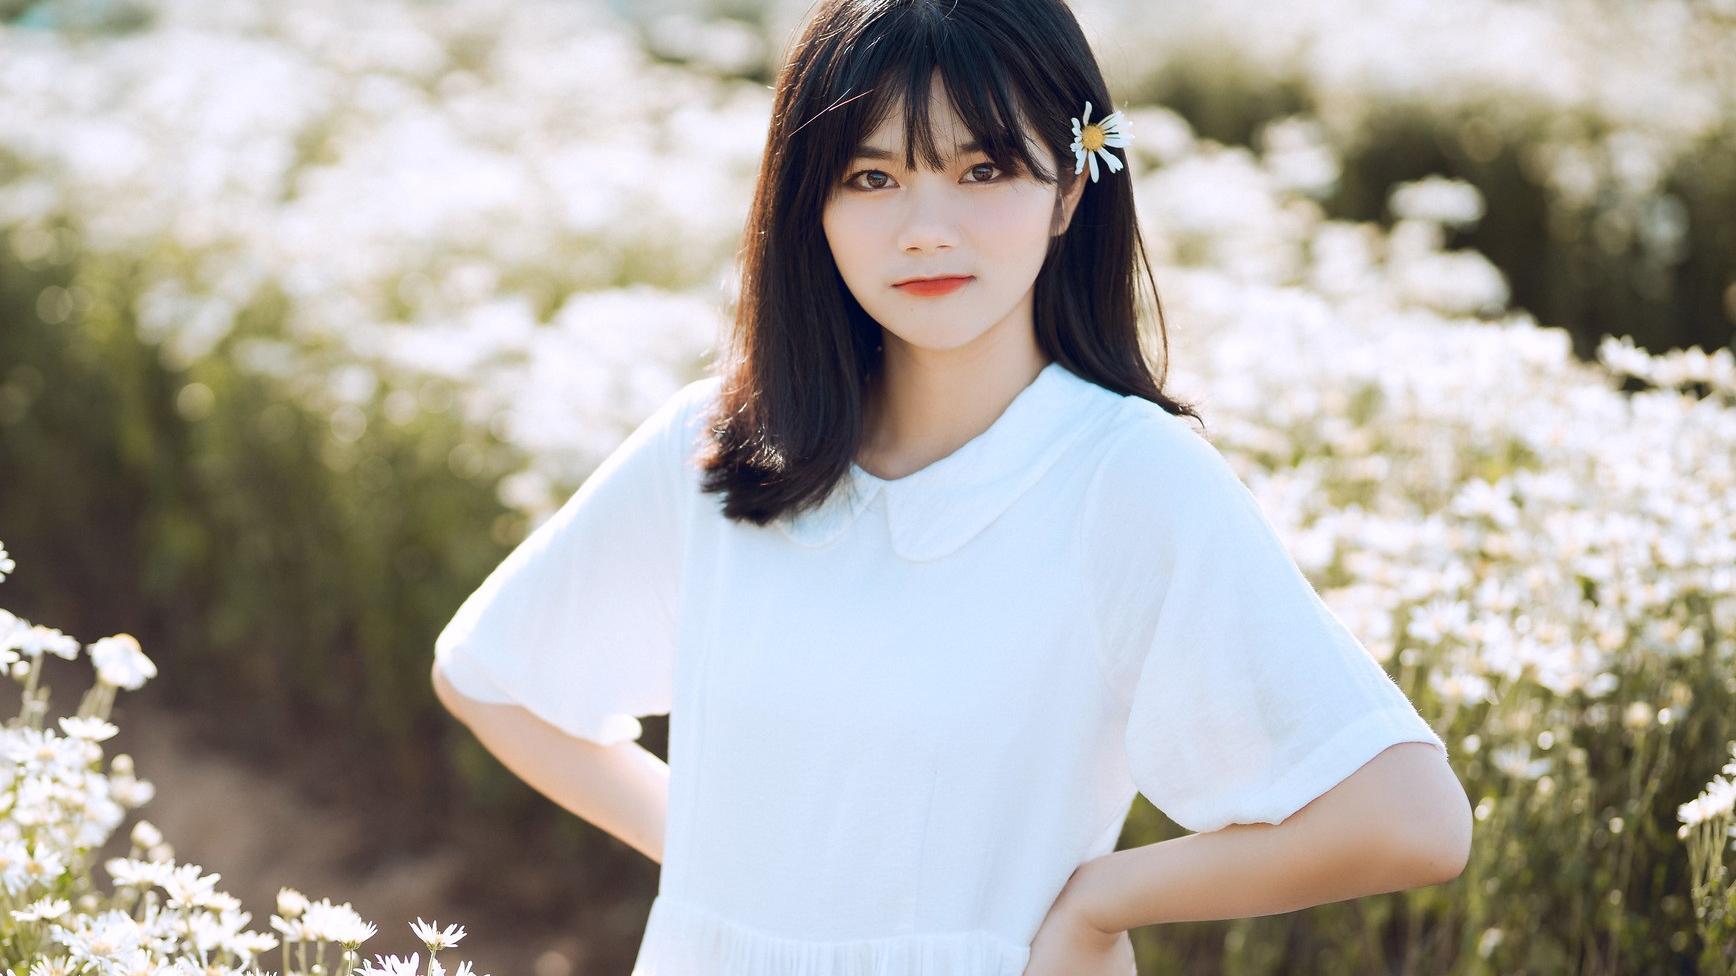 白色娃娃领连衣裙,清新可人,上身甜美减龄,可爱俏皮